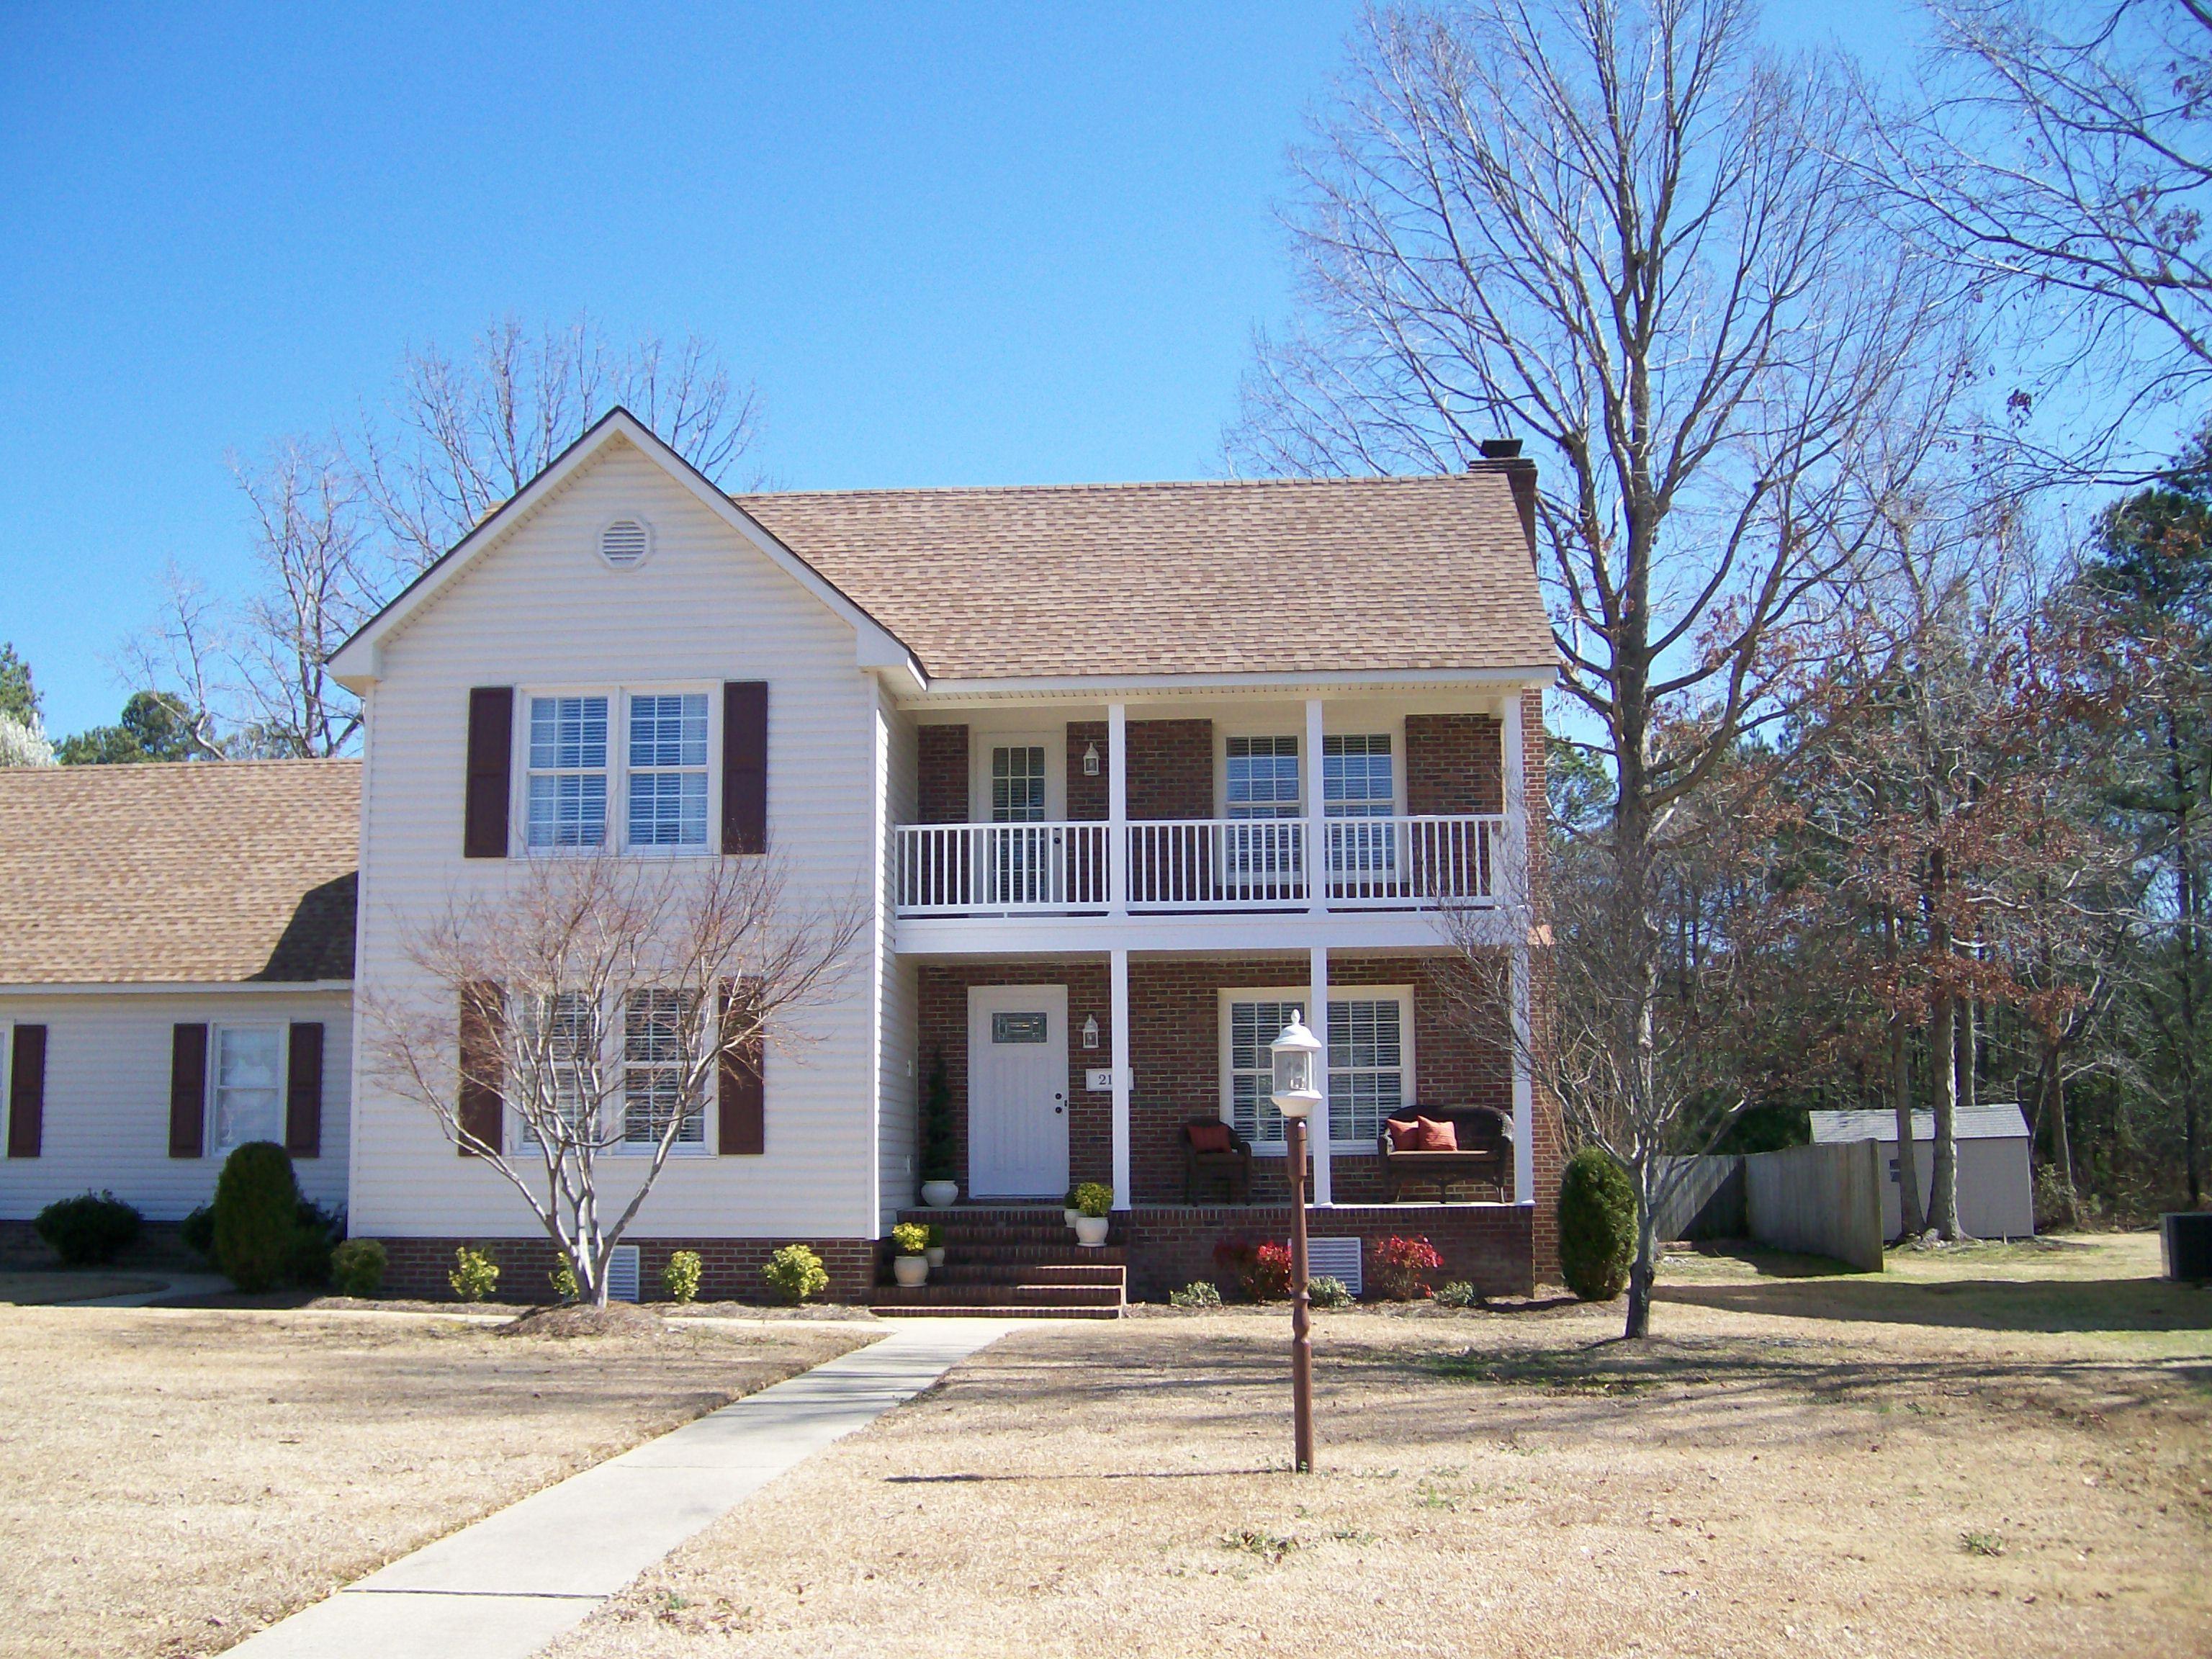 Double decker porches in Goldsboro, NC